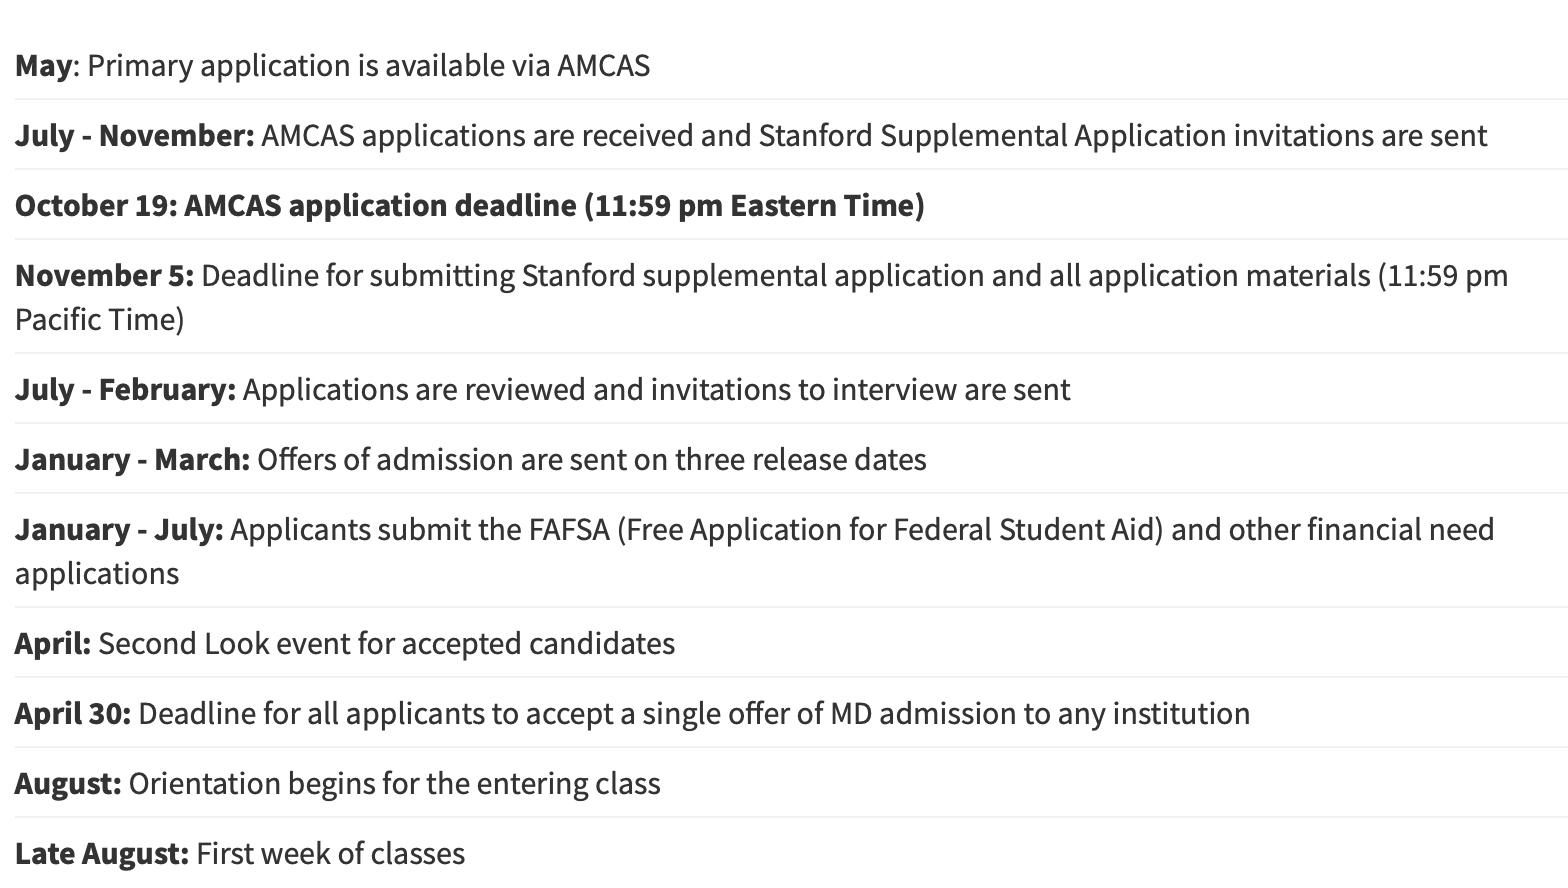 Application timeline for Stanford University School of Medicine